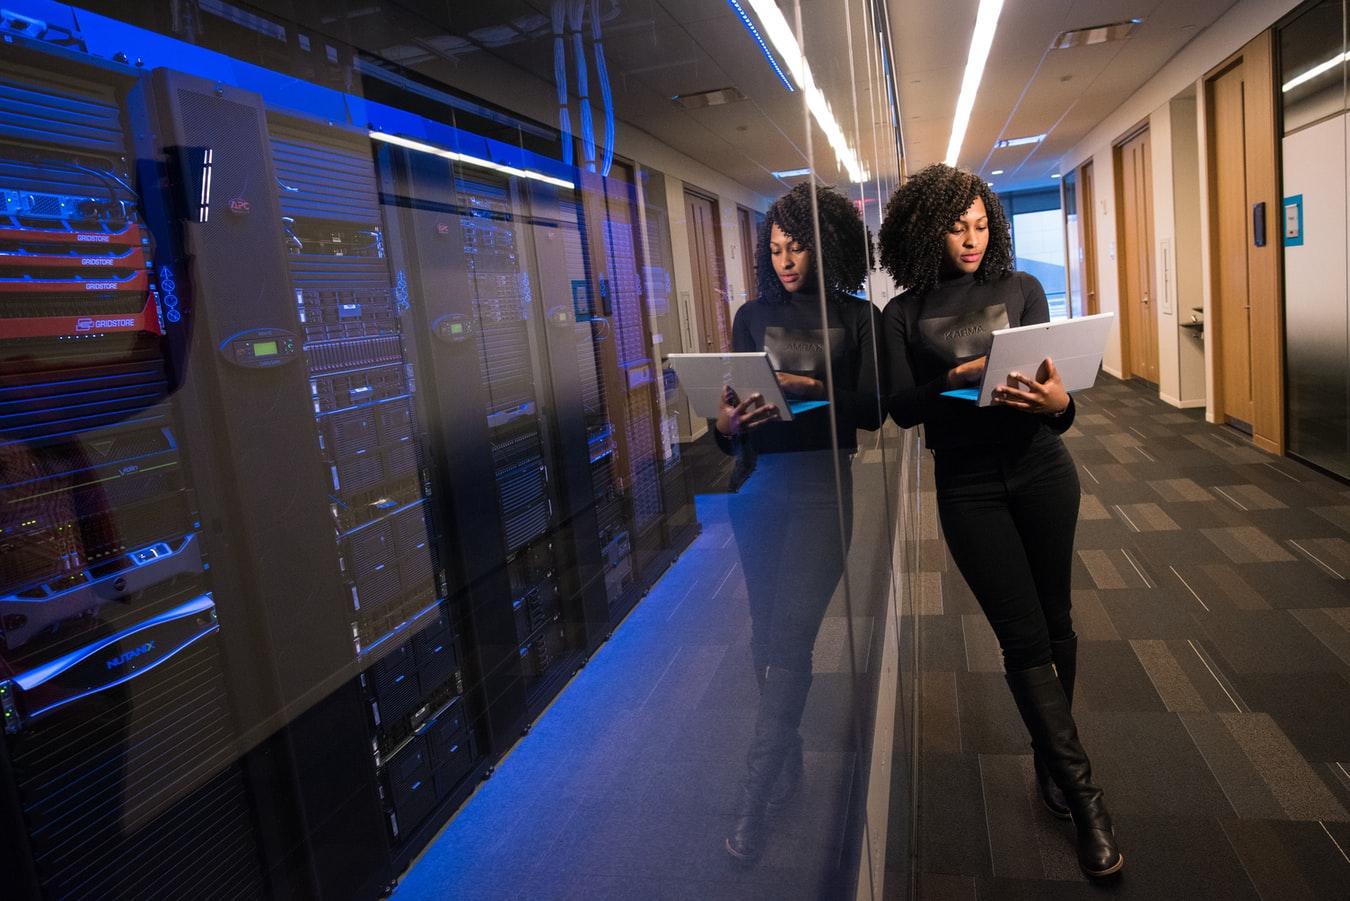 Ericsson wdraża platformę 3DEXPERIENCE i kontynuuje wieloletnią współpracę z Dassault Systèmes